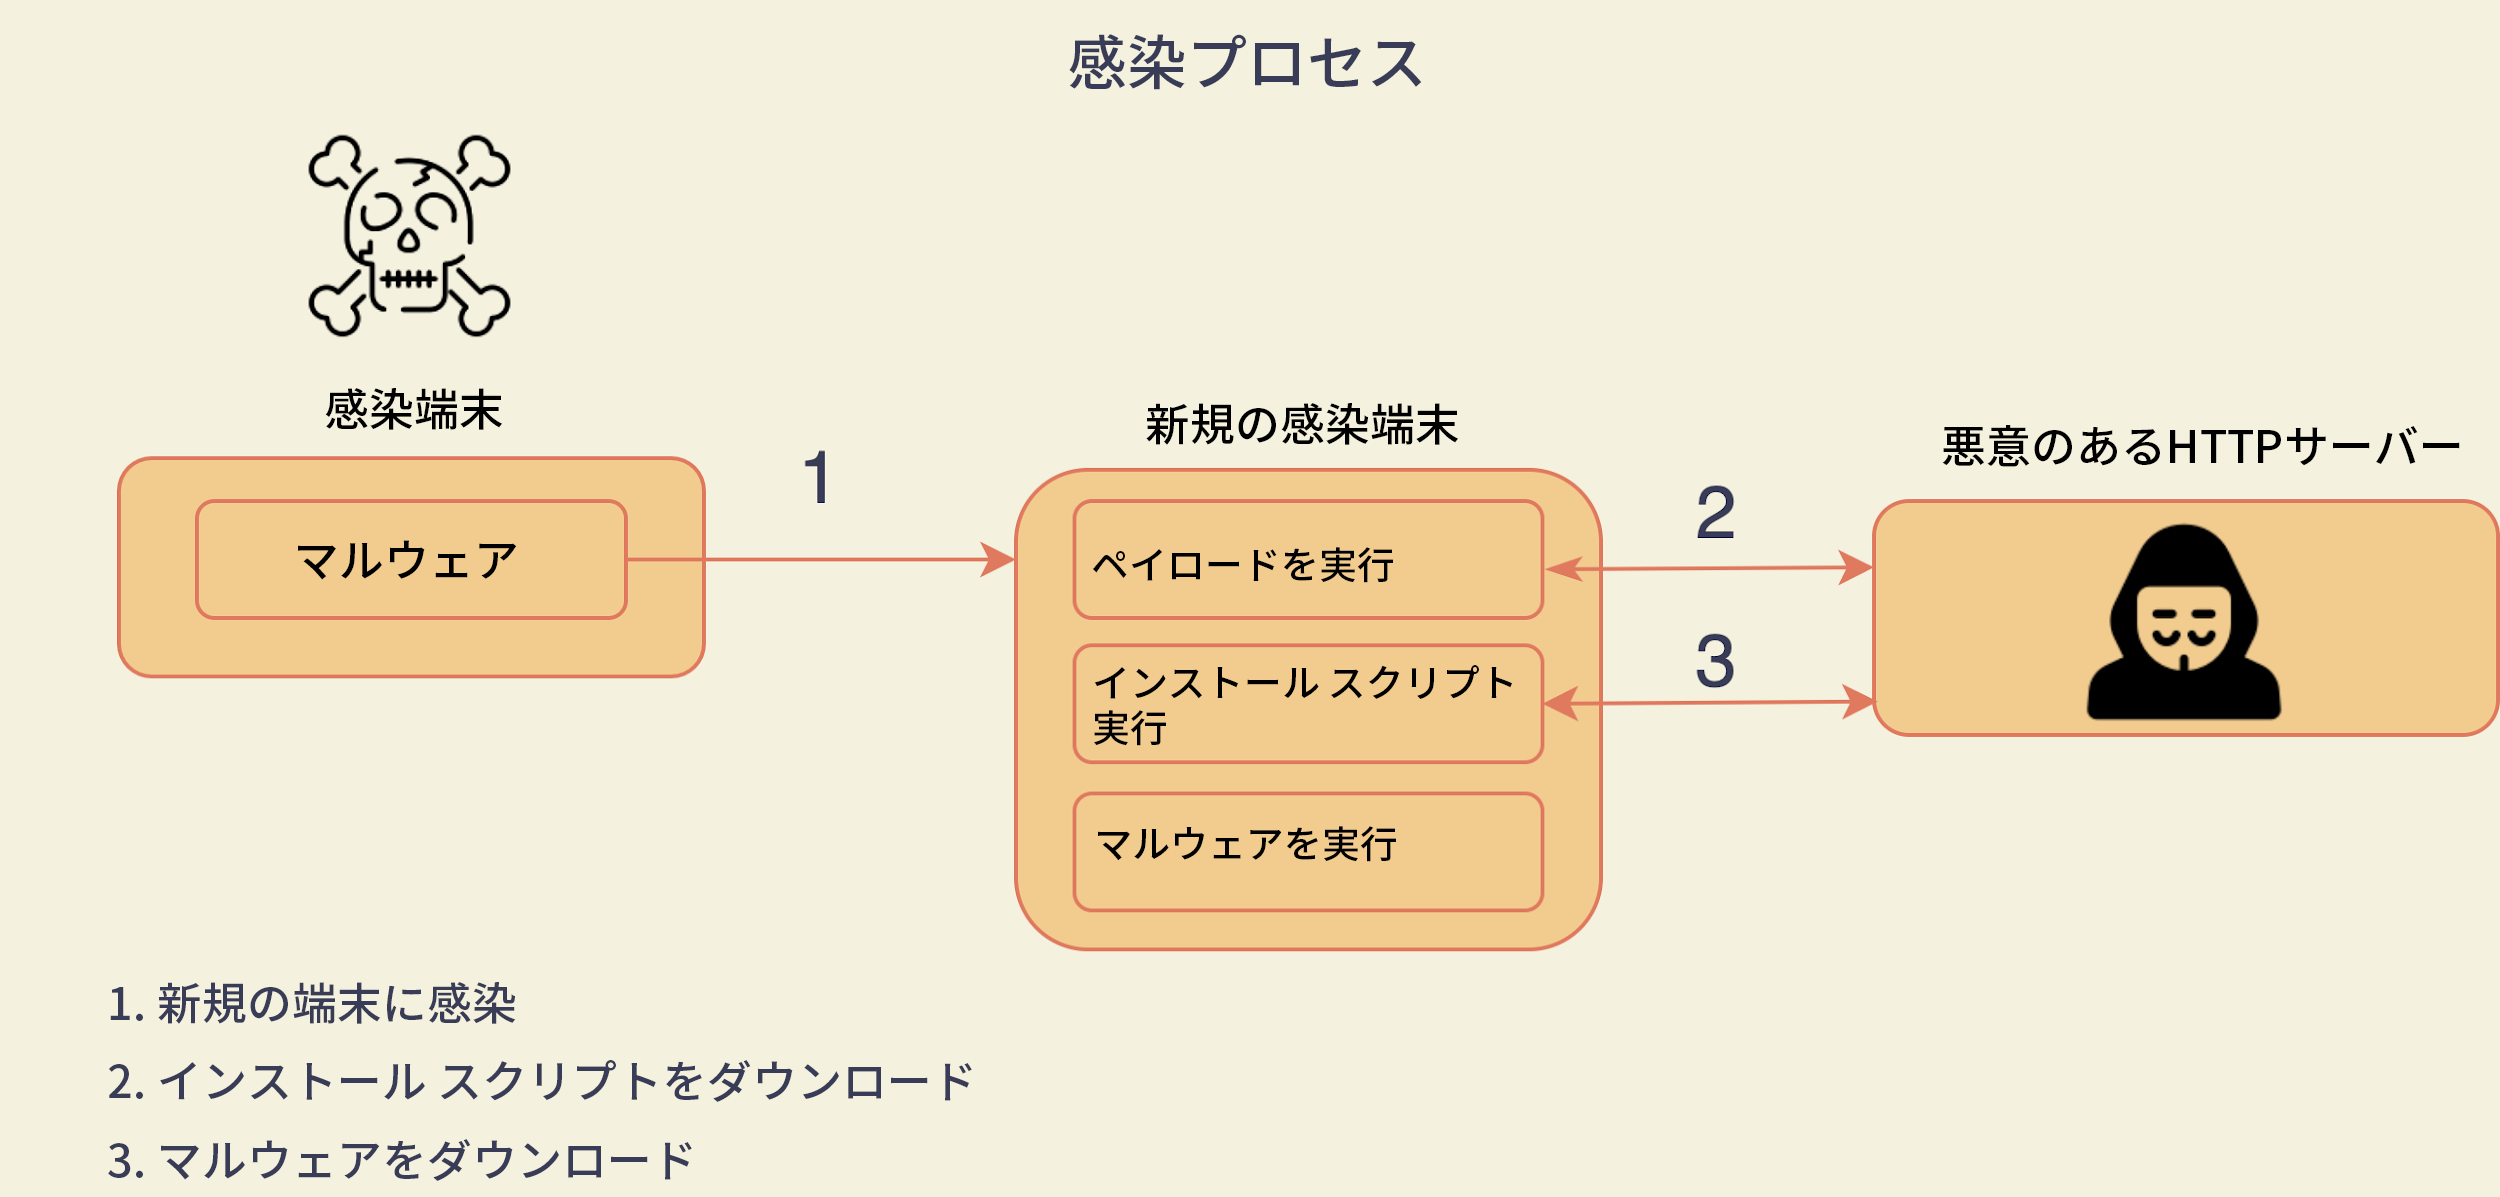 図6 感染プロセス